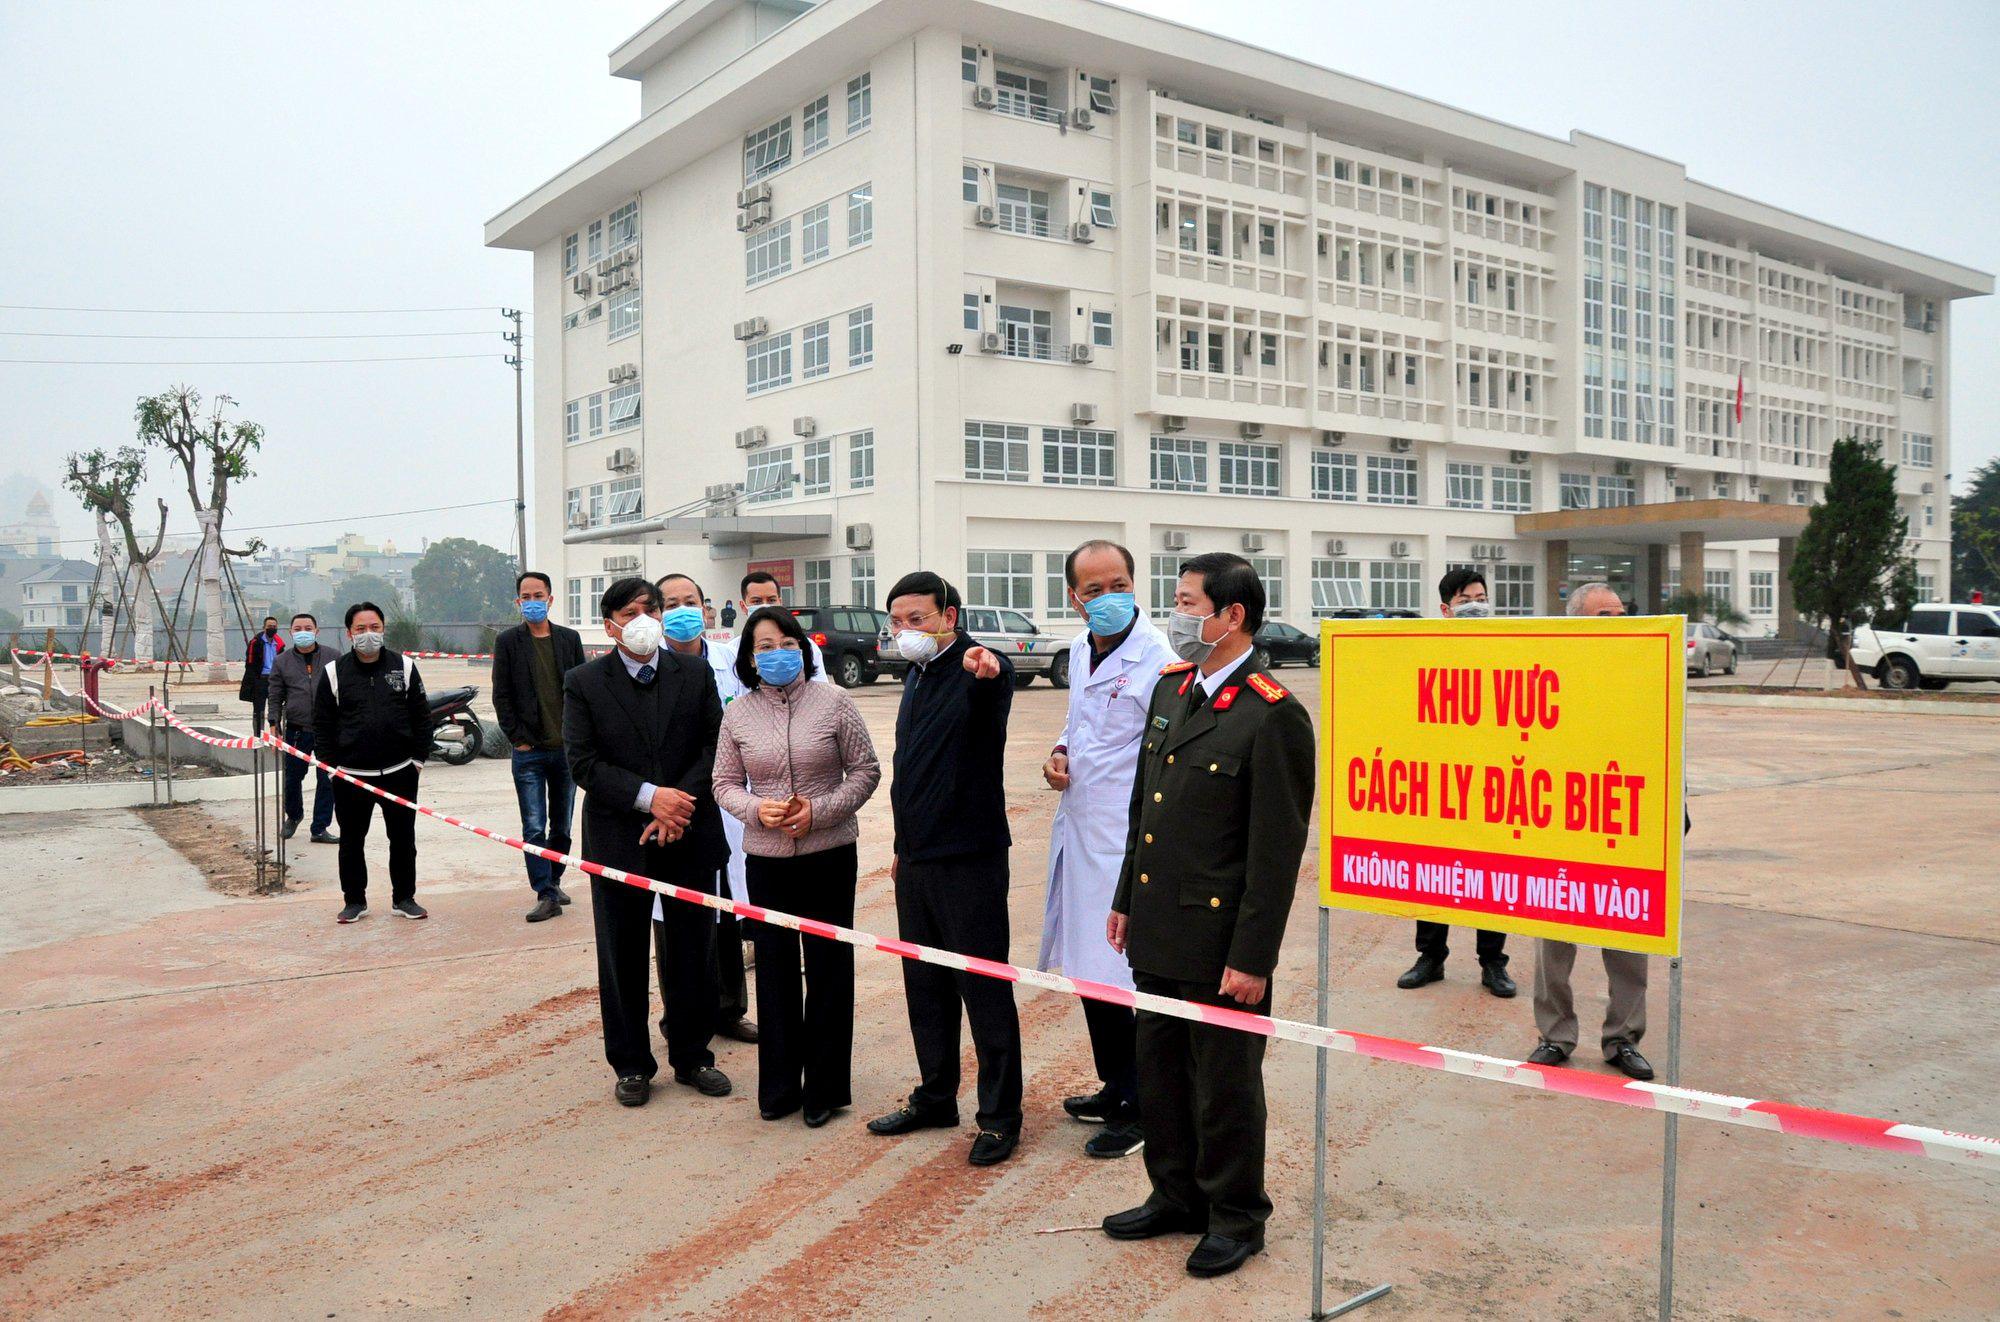 Quảng Ninh có 2 người ra viện, Việt Nam đã điều trị thành công 173 ca mắc Covid-19 - Ảnh 1.